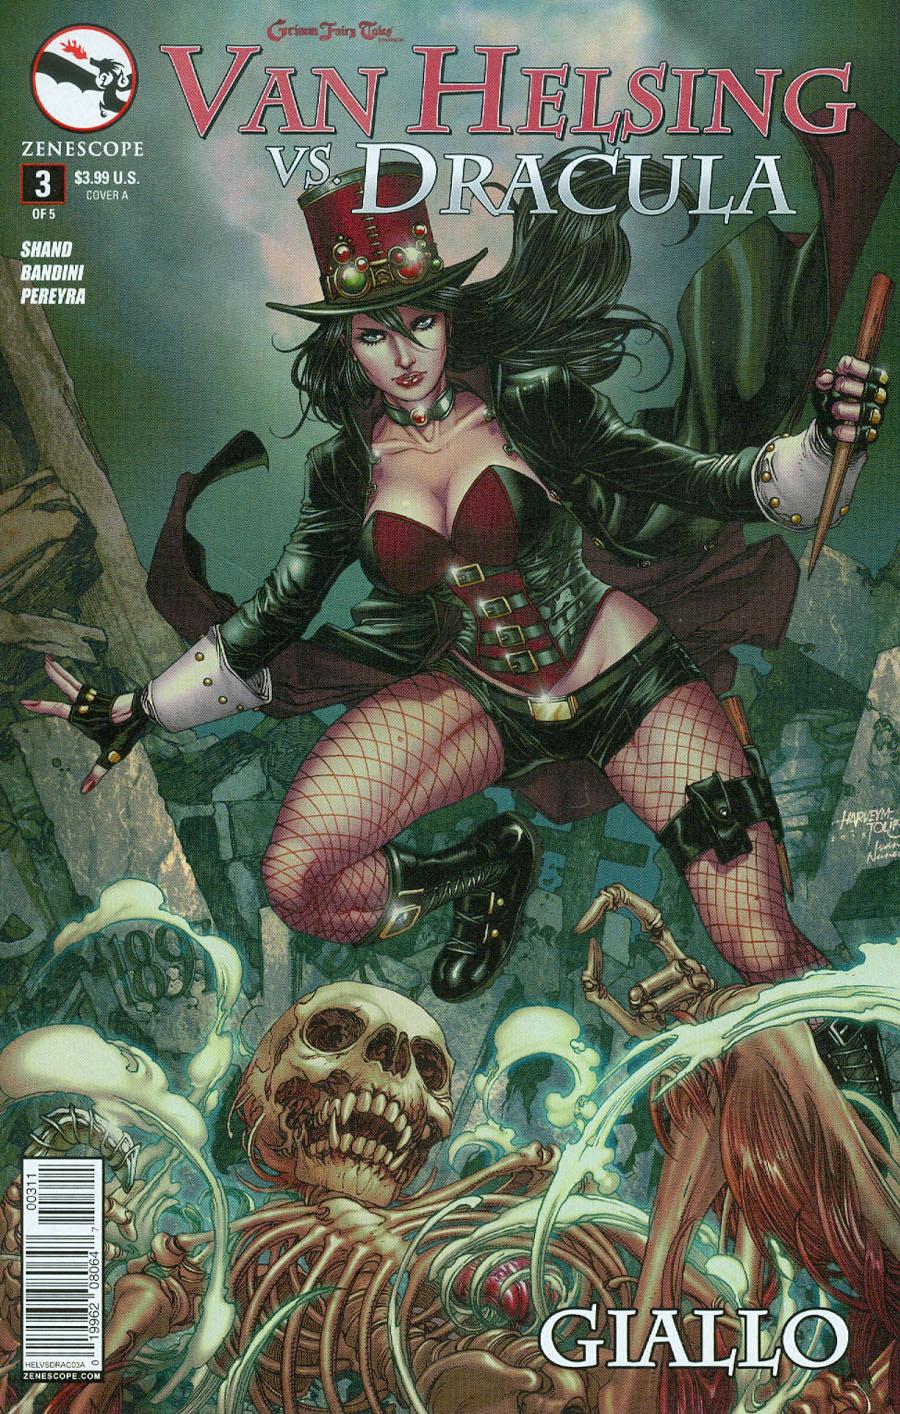 Van Helsing Vs Dracula #2 Grimm Fairy Tales Presents ~ Zenescope 2C cover